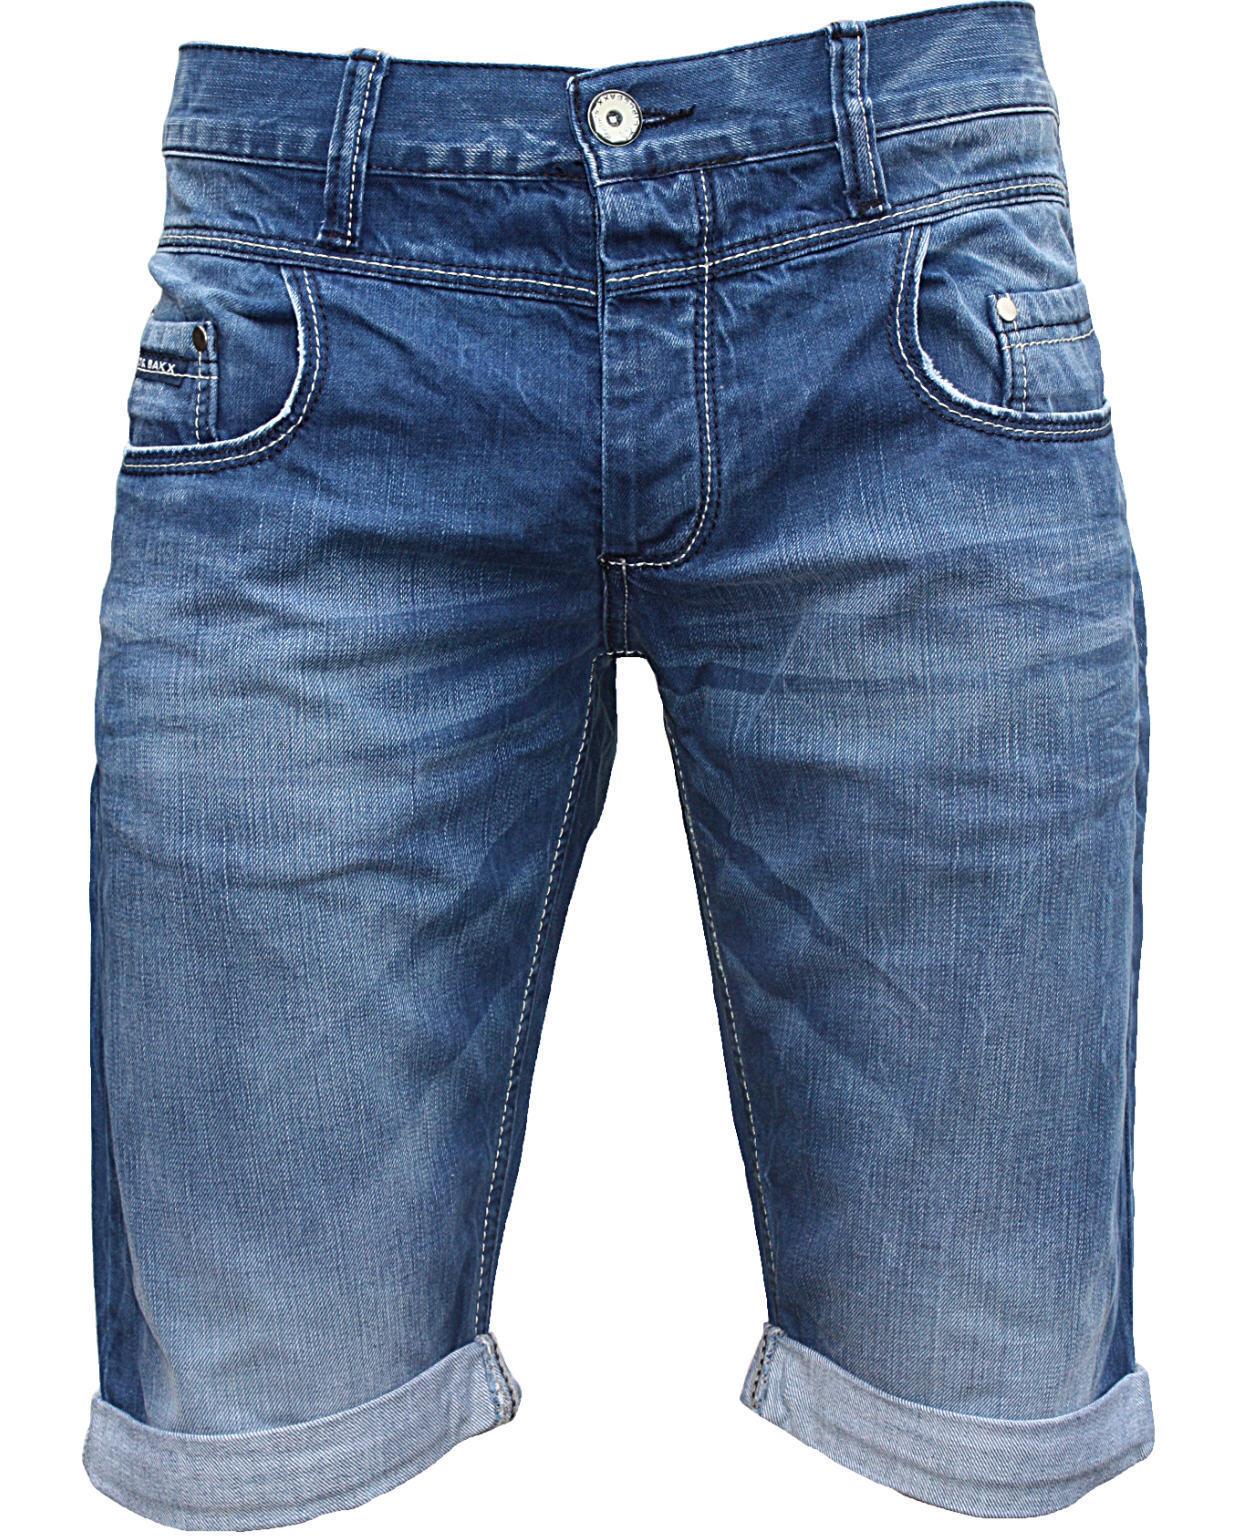 Cipo & Baxx Jeans Pantaloncini c-0073